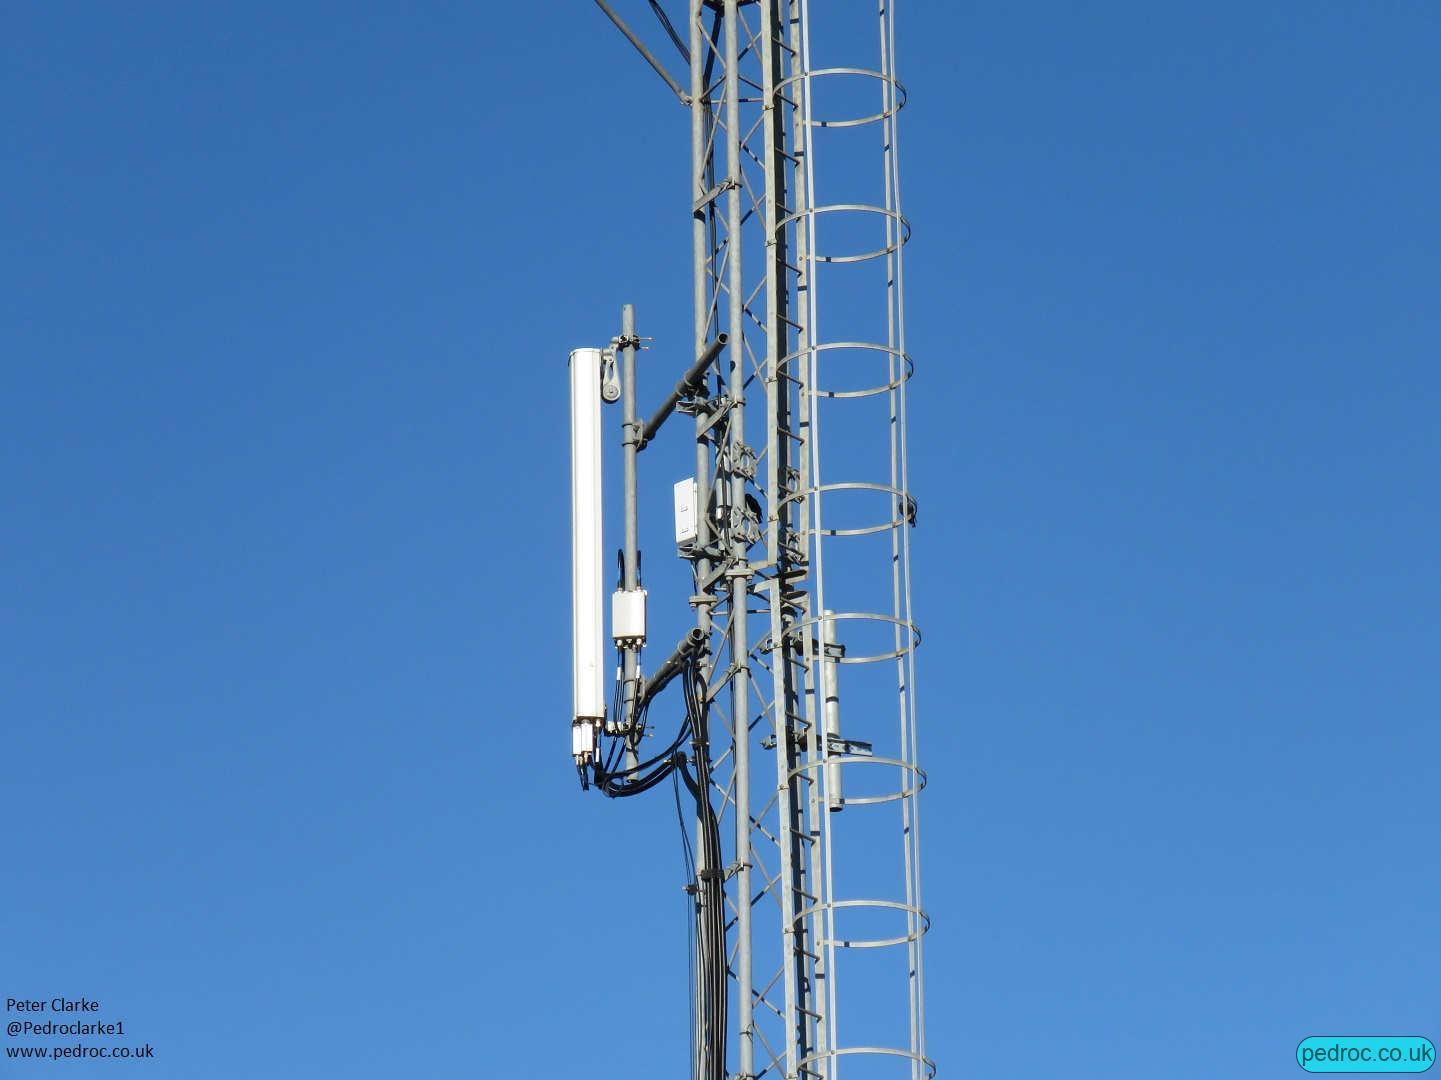 O2 Ericsson Site with kathrein antennas spread across two floodlight masts.